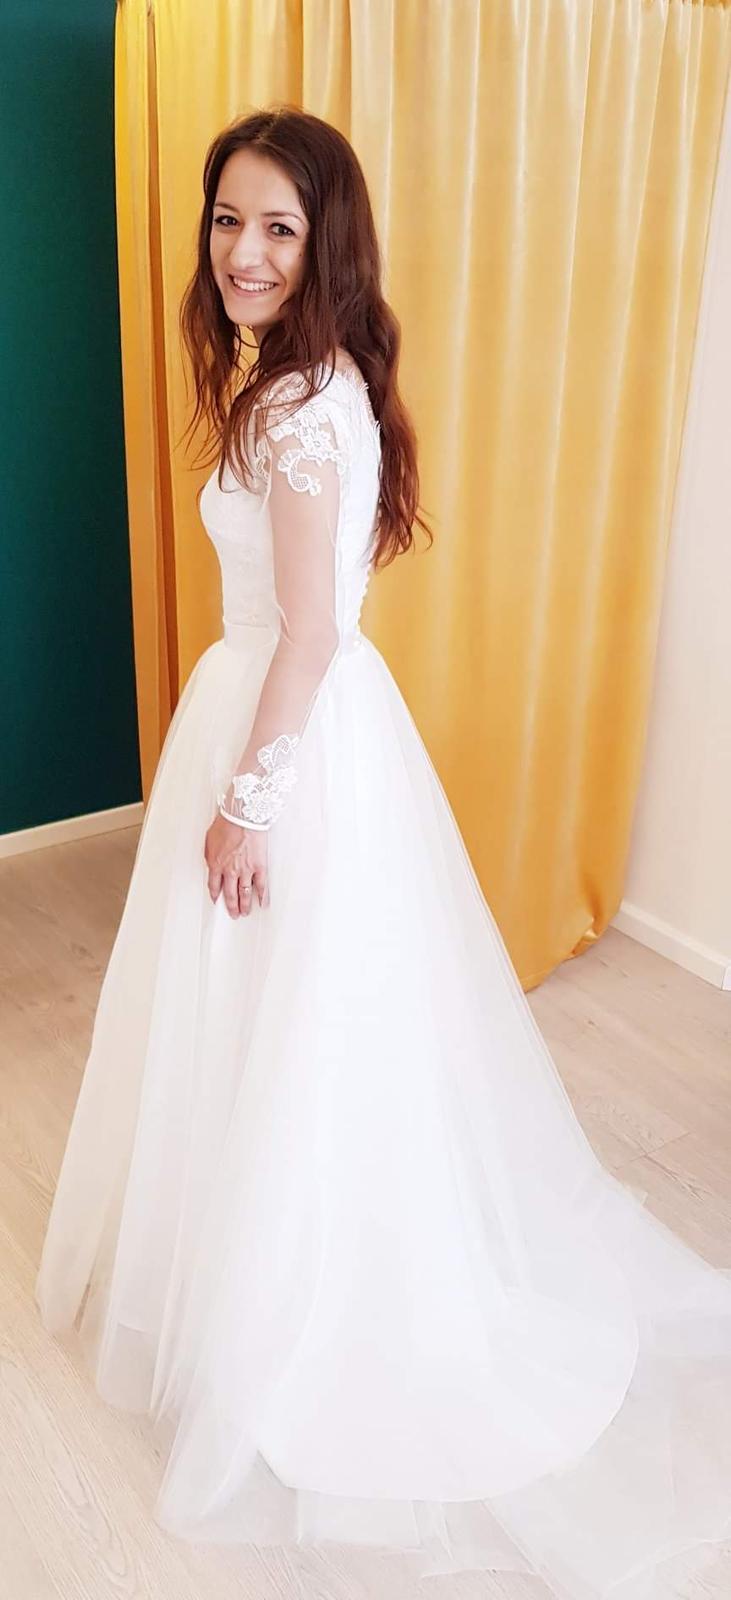 Dvojdielné dlhé svadobné šaty ❤ - Obrázok č. 2